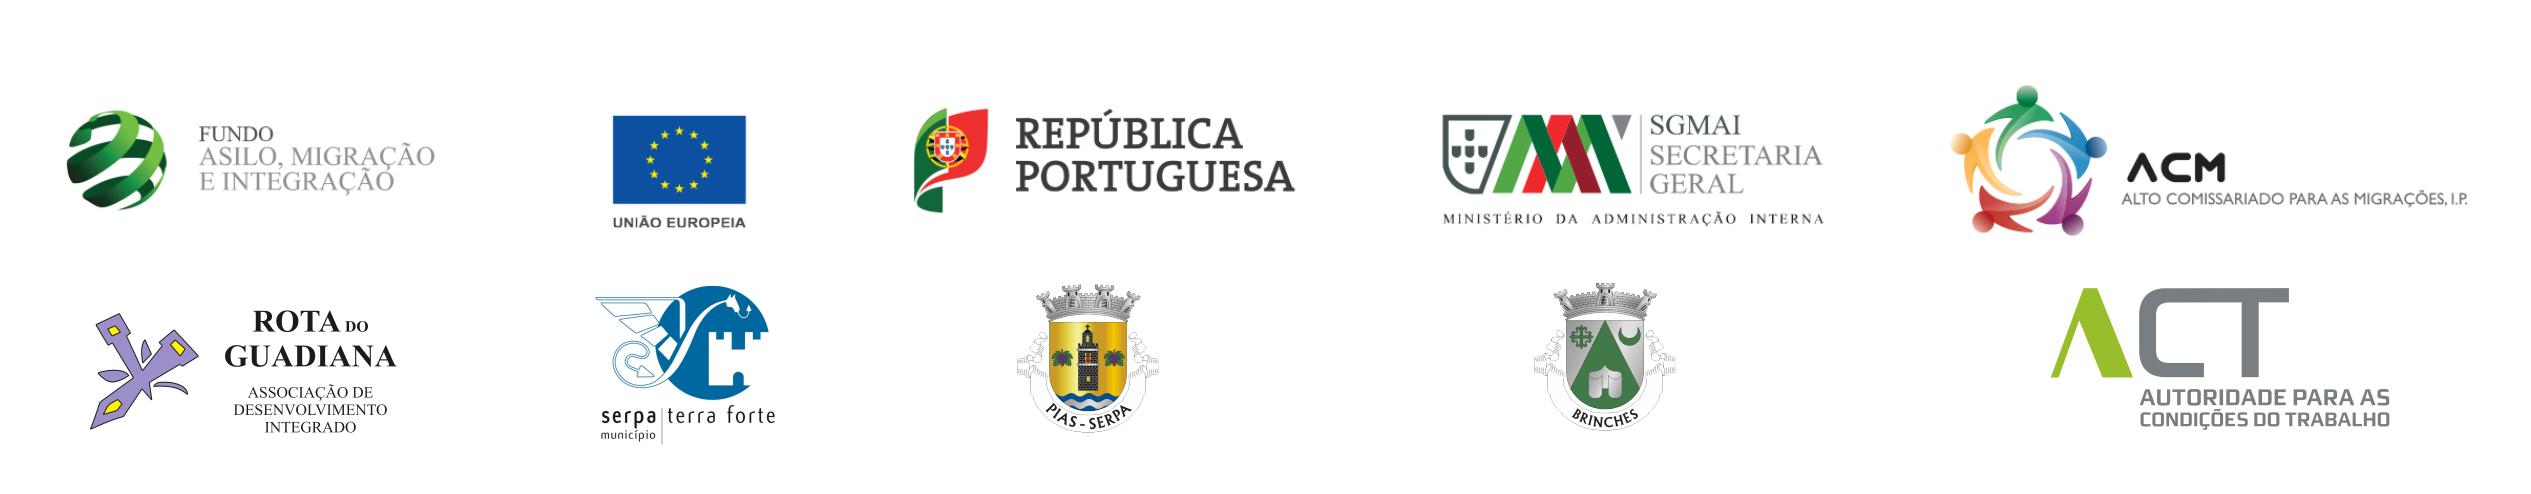 Barra-de-Logos-ACT